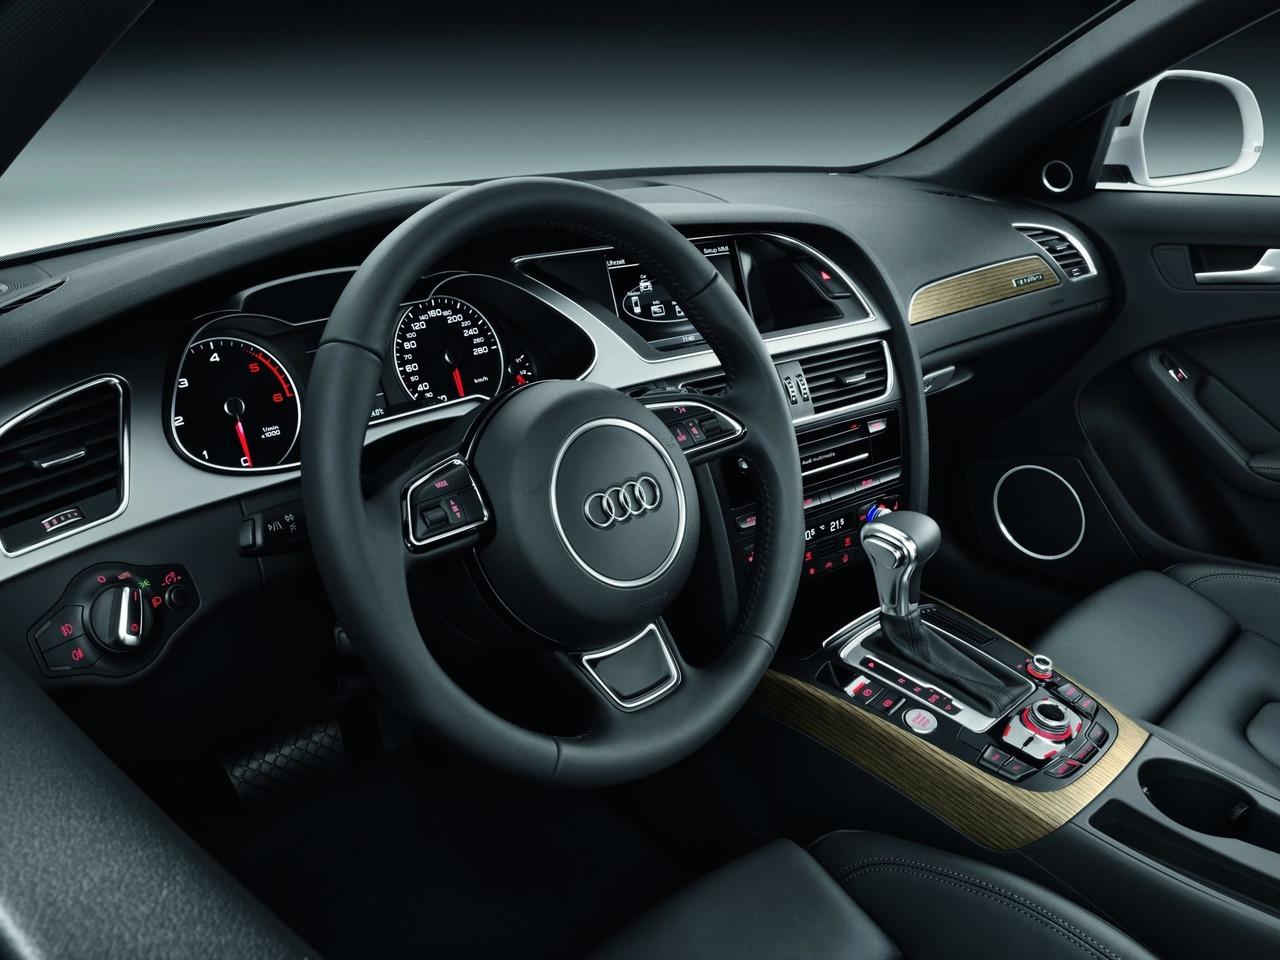 Снимки: Audi A4 allroad(B8) Facelift 2011